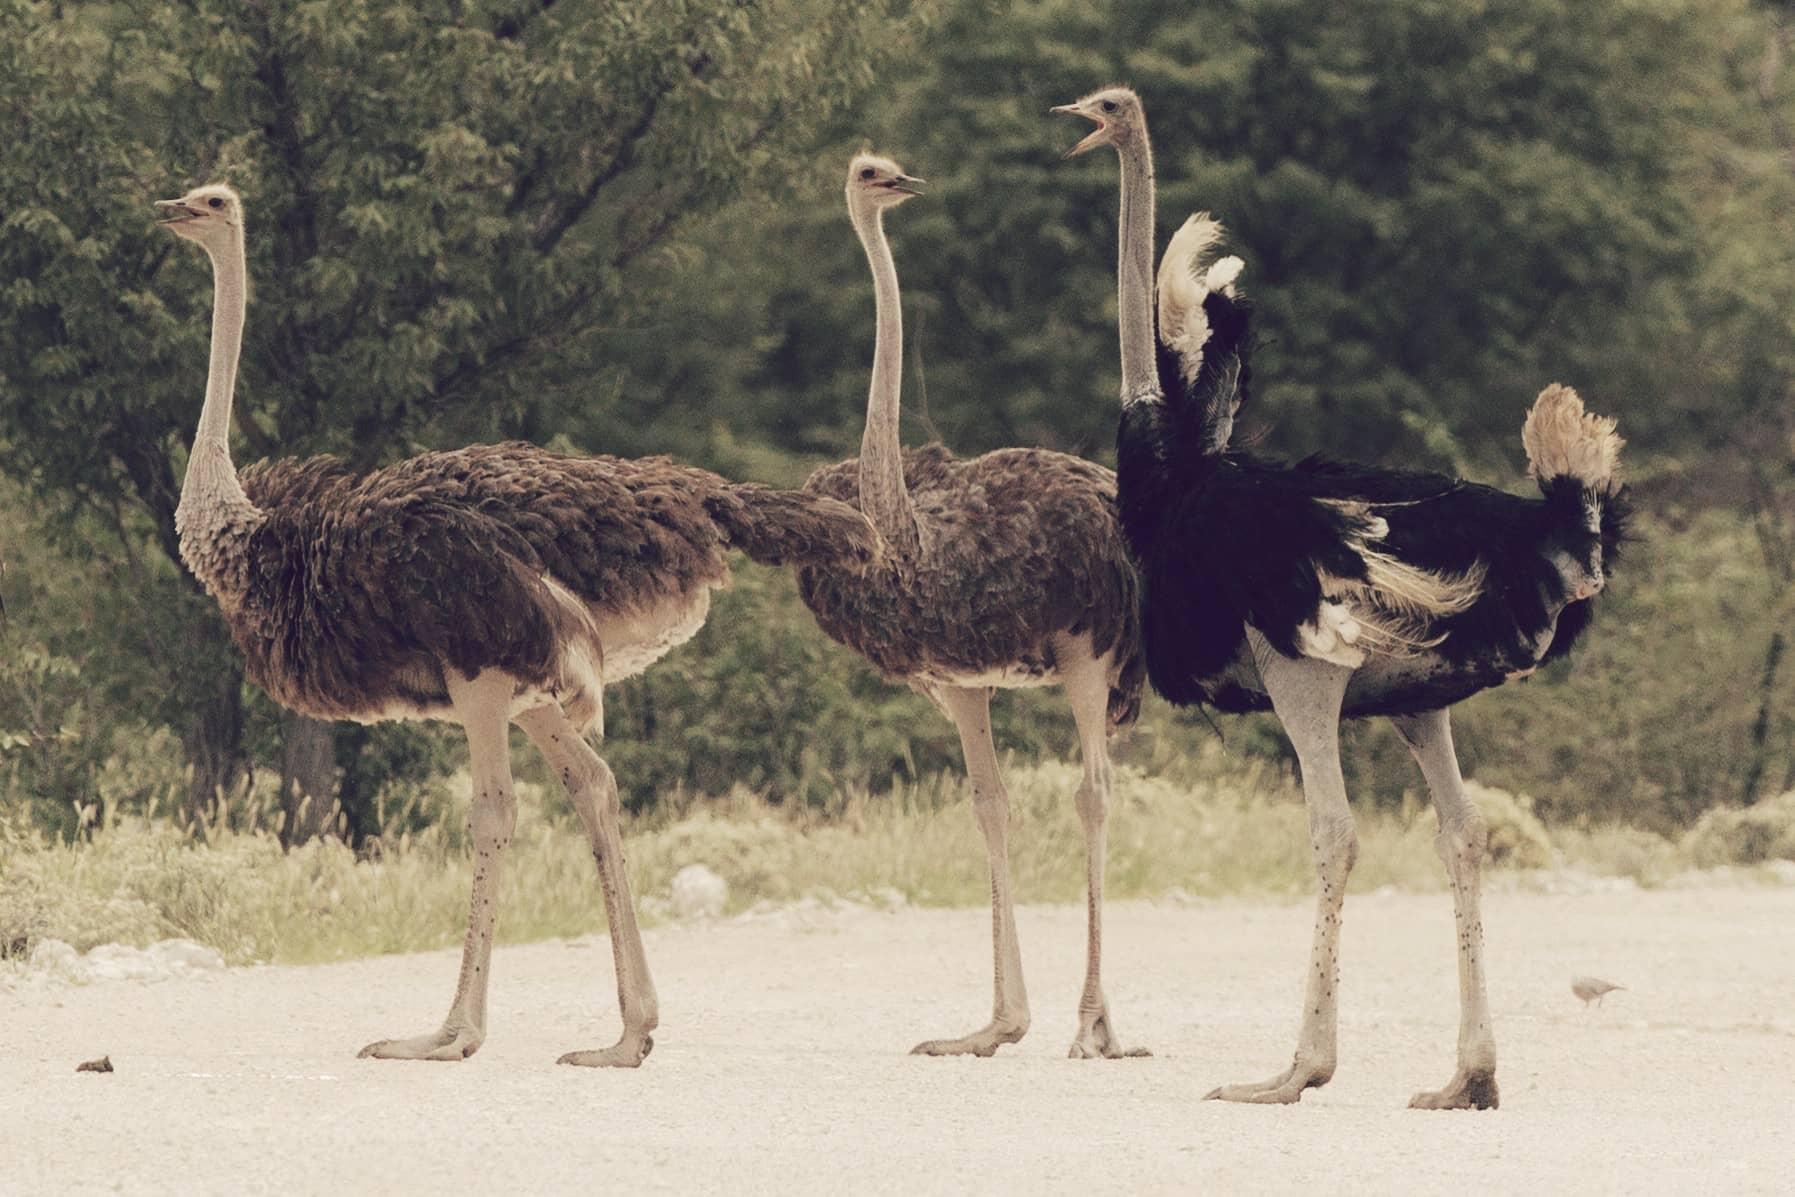 Avestruz (Struthio camelus), el ave más grande del mundo